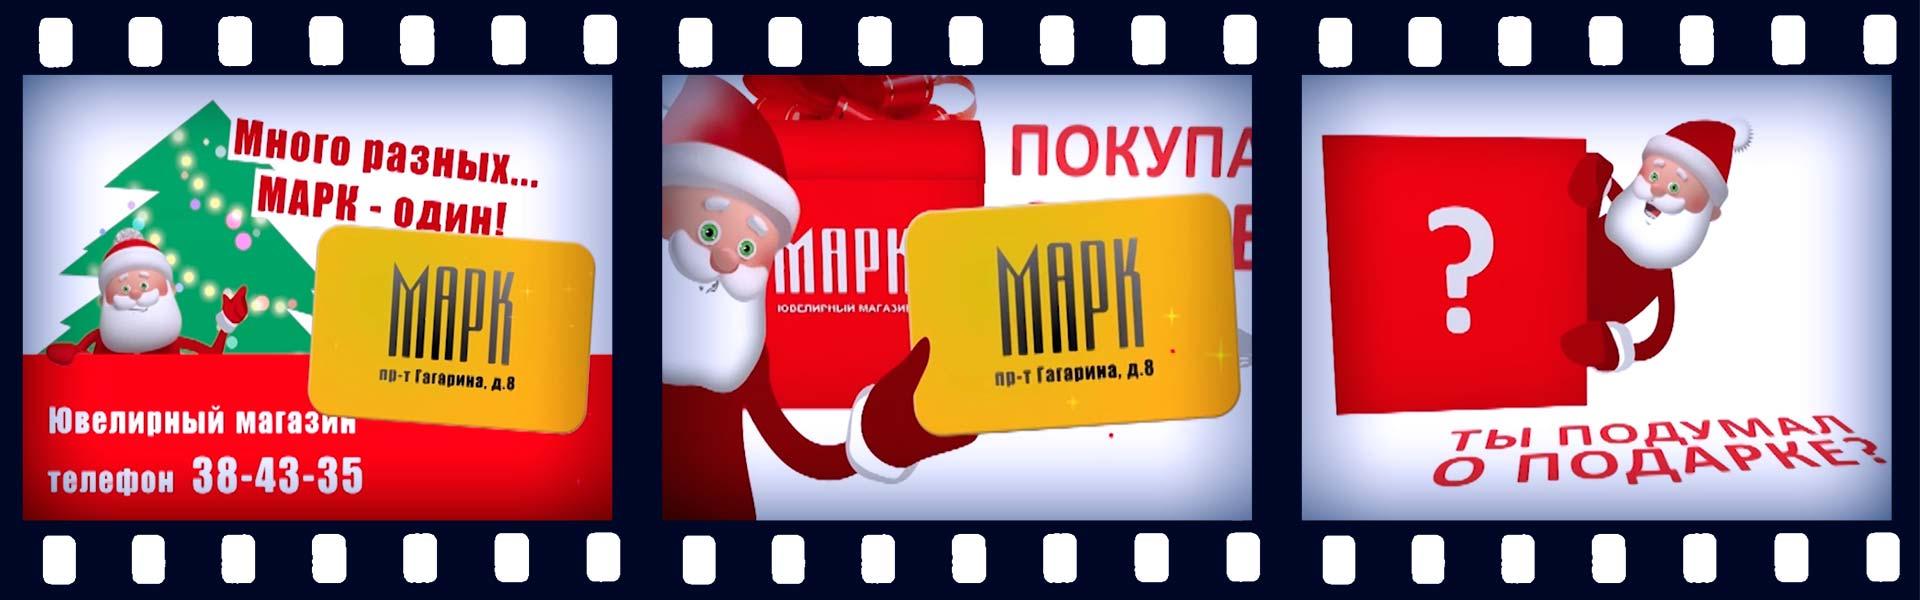 Новогодняя телереклама салона ювелирных украшений «Марк»